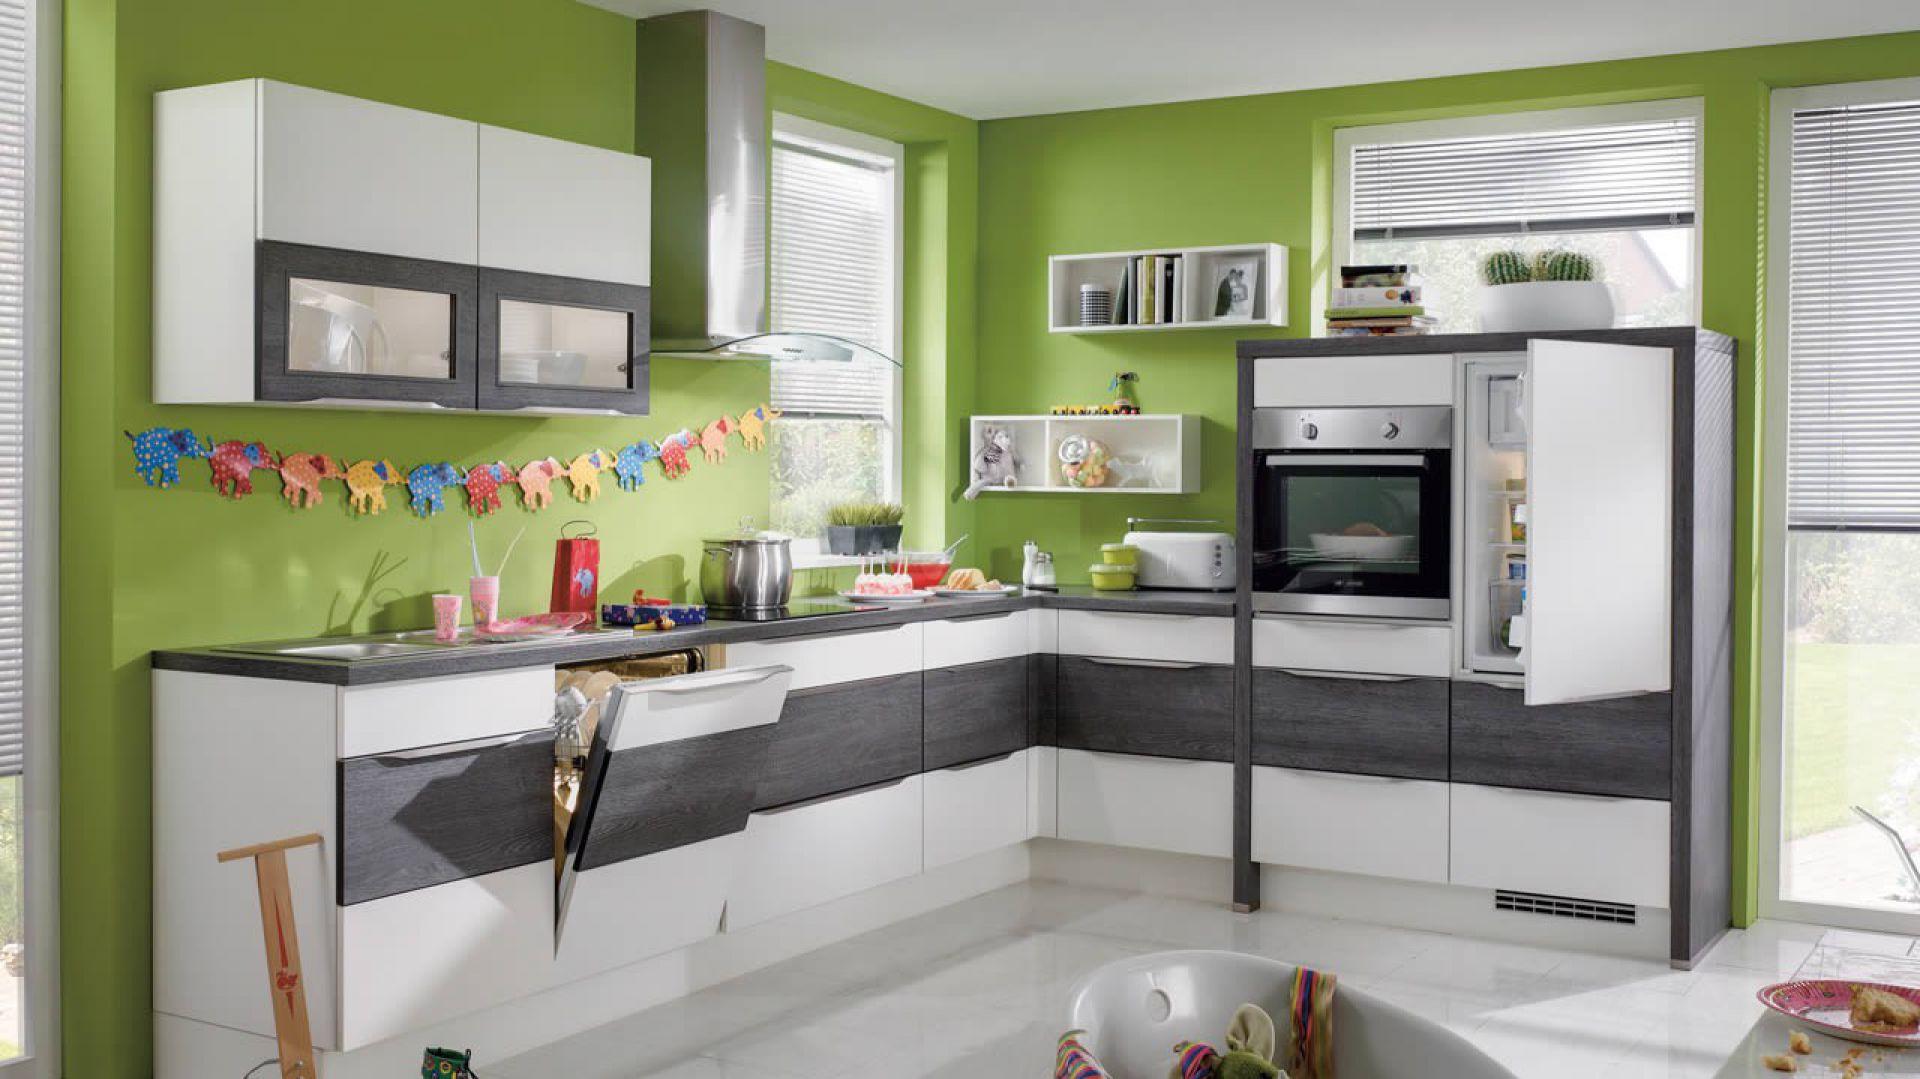 meble kuchenne z programu 15 pomys w na zielon kuchni koniecznie zobacz wszystkie. Black Bedroom Furniture Sets. Home Design Ideas